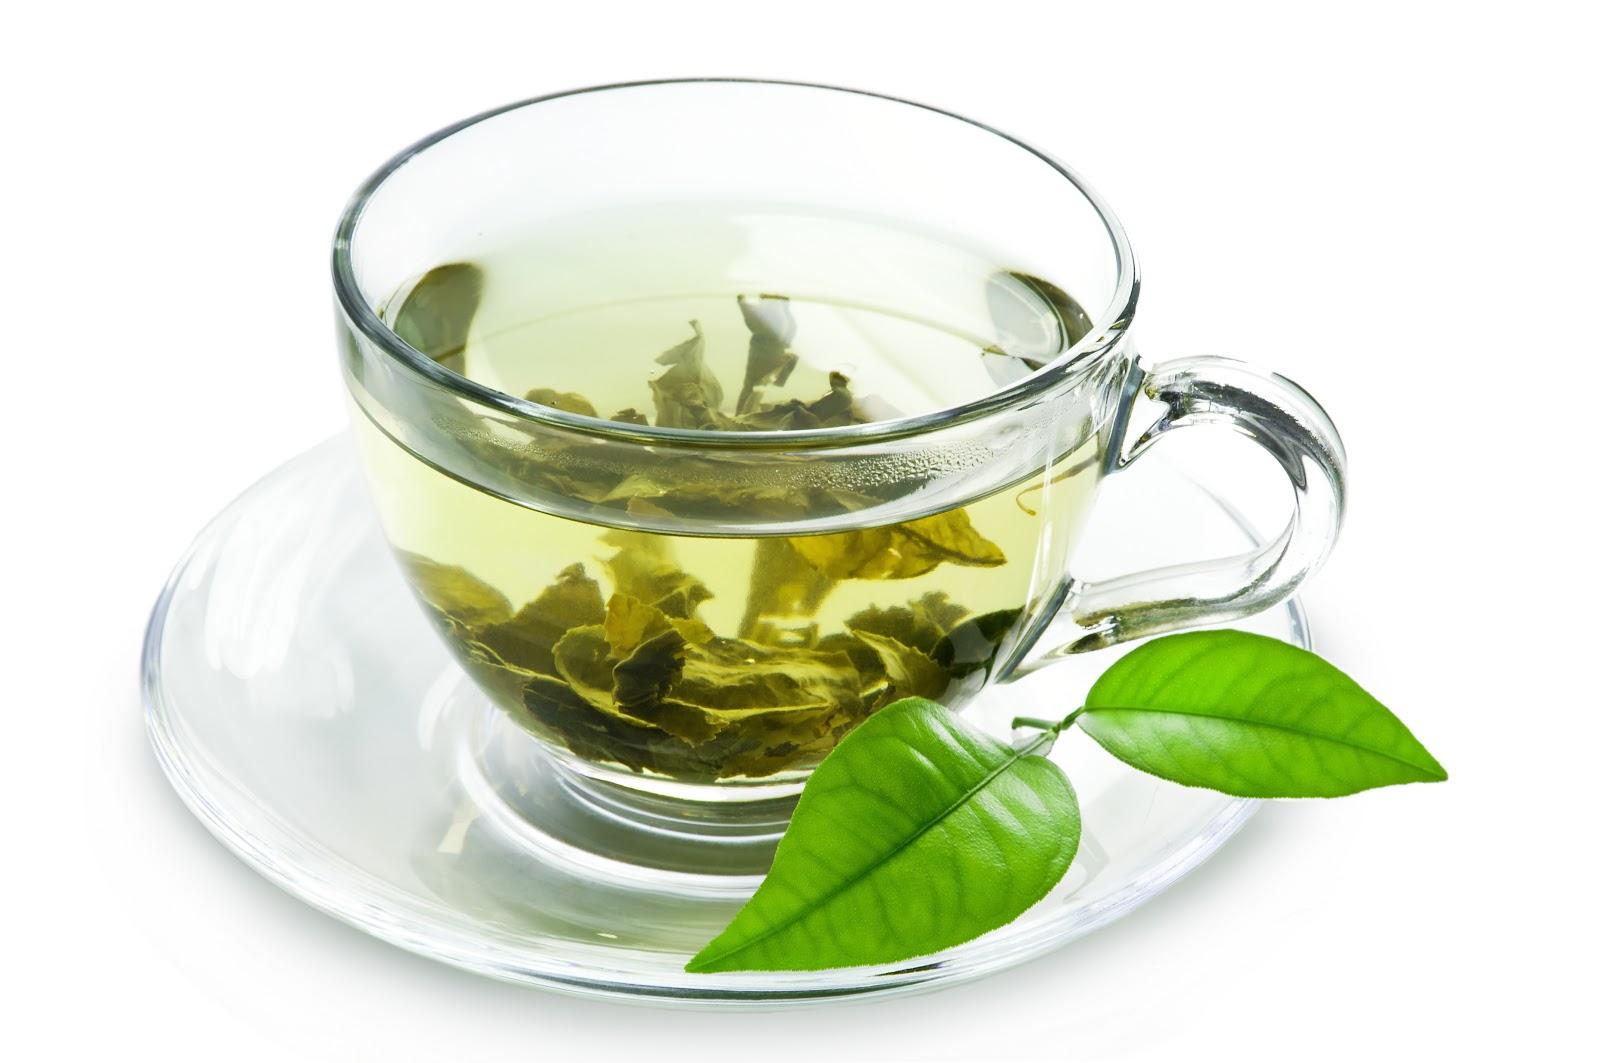 Зеленый чай в чистом виде не содержит ни единой калории